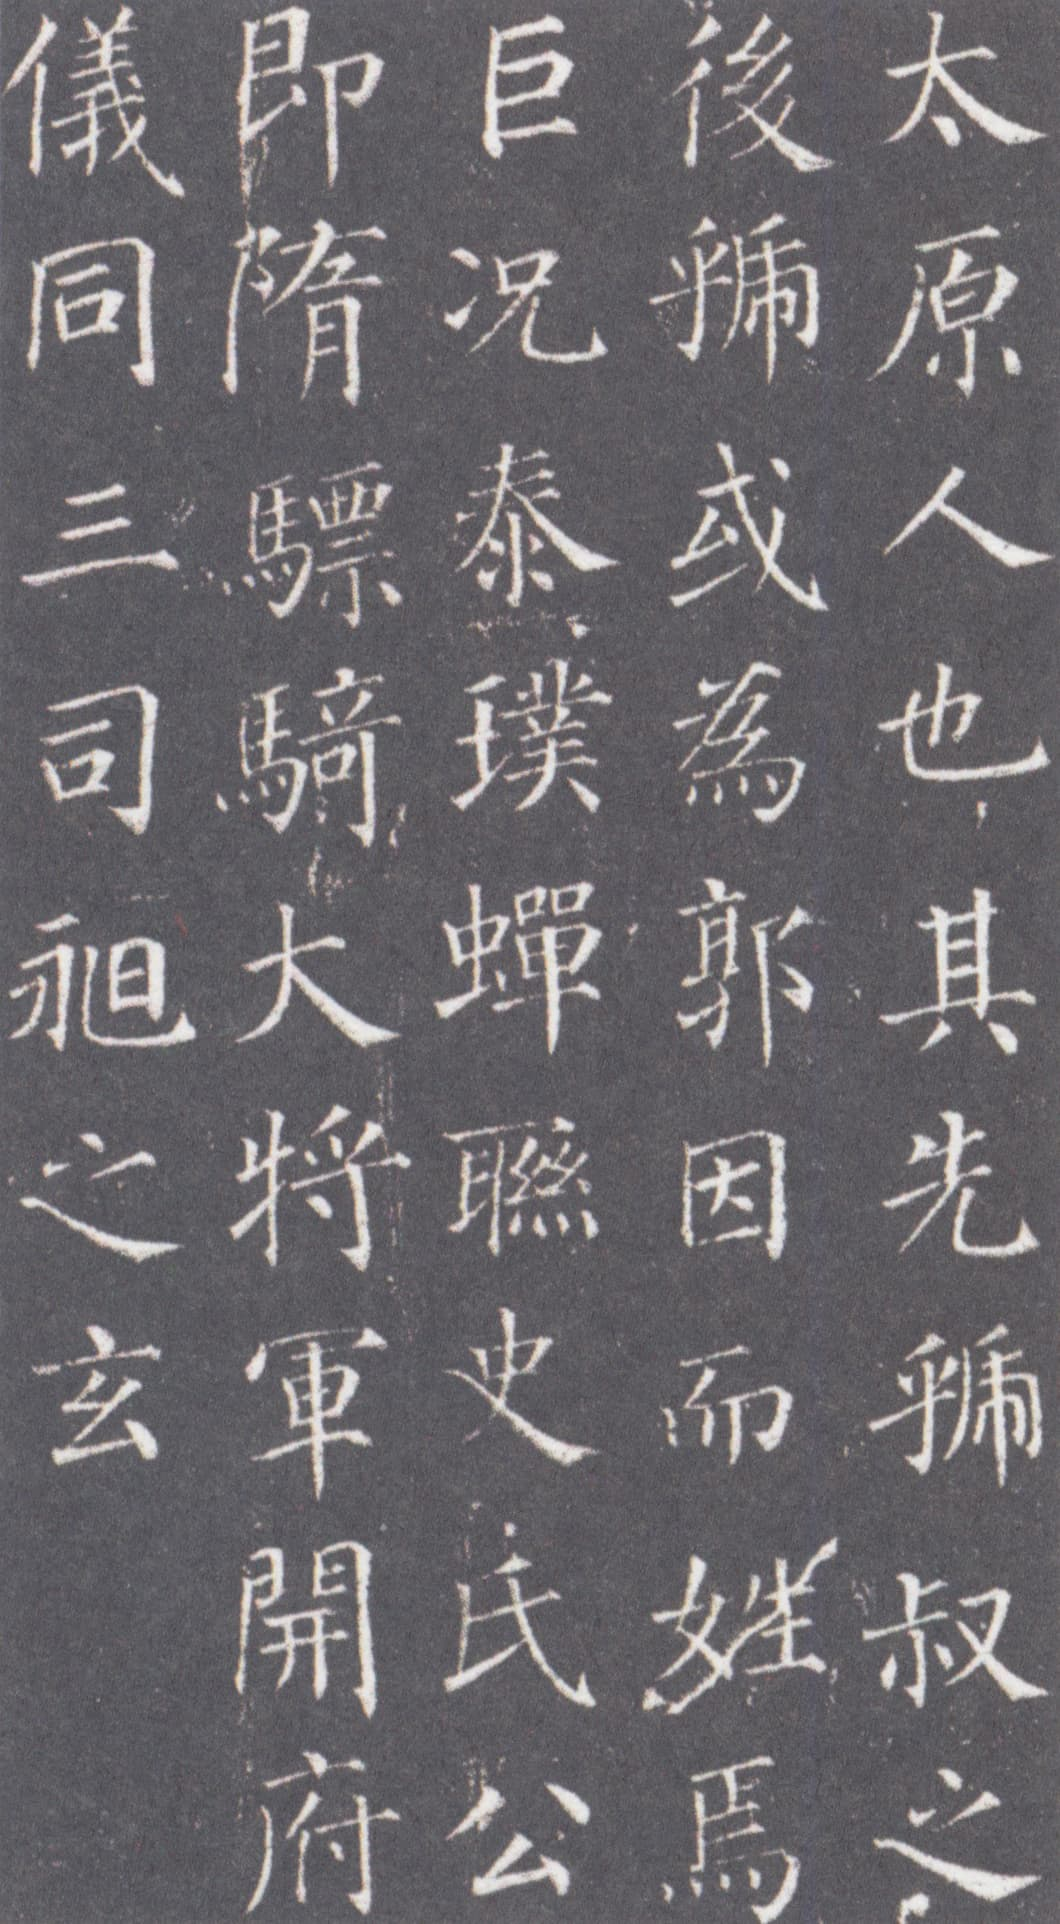 Yan Zhen Qing calligraphy in Kaishu style